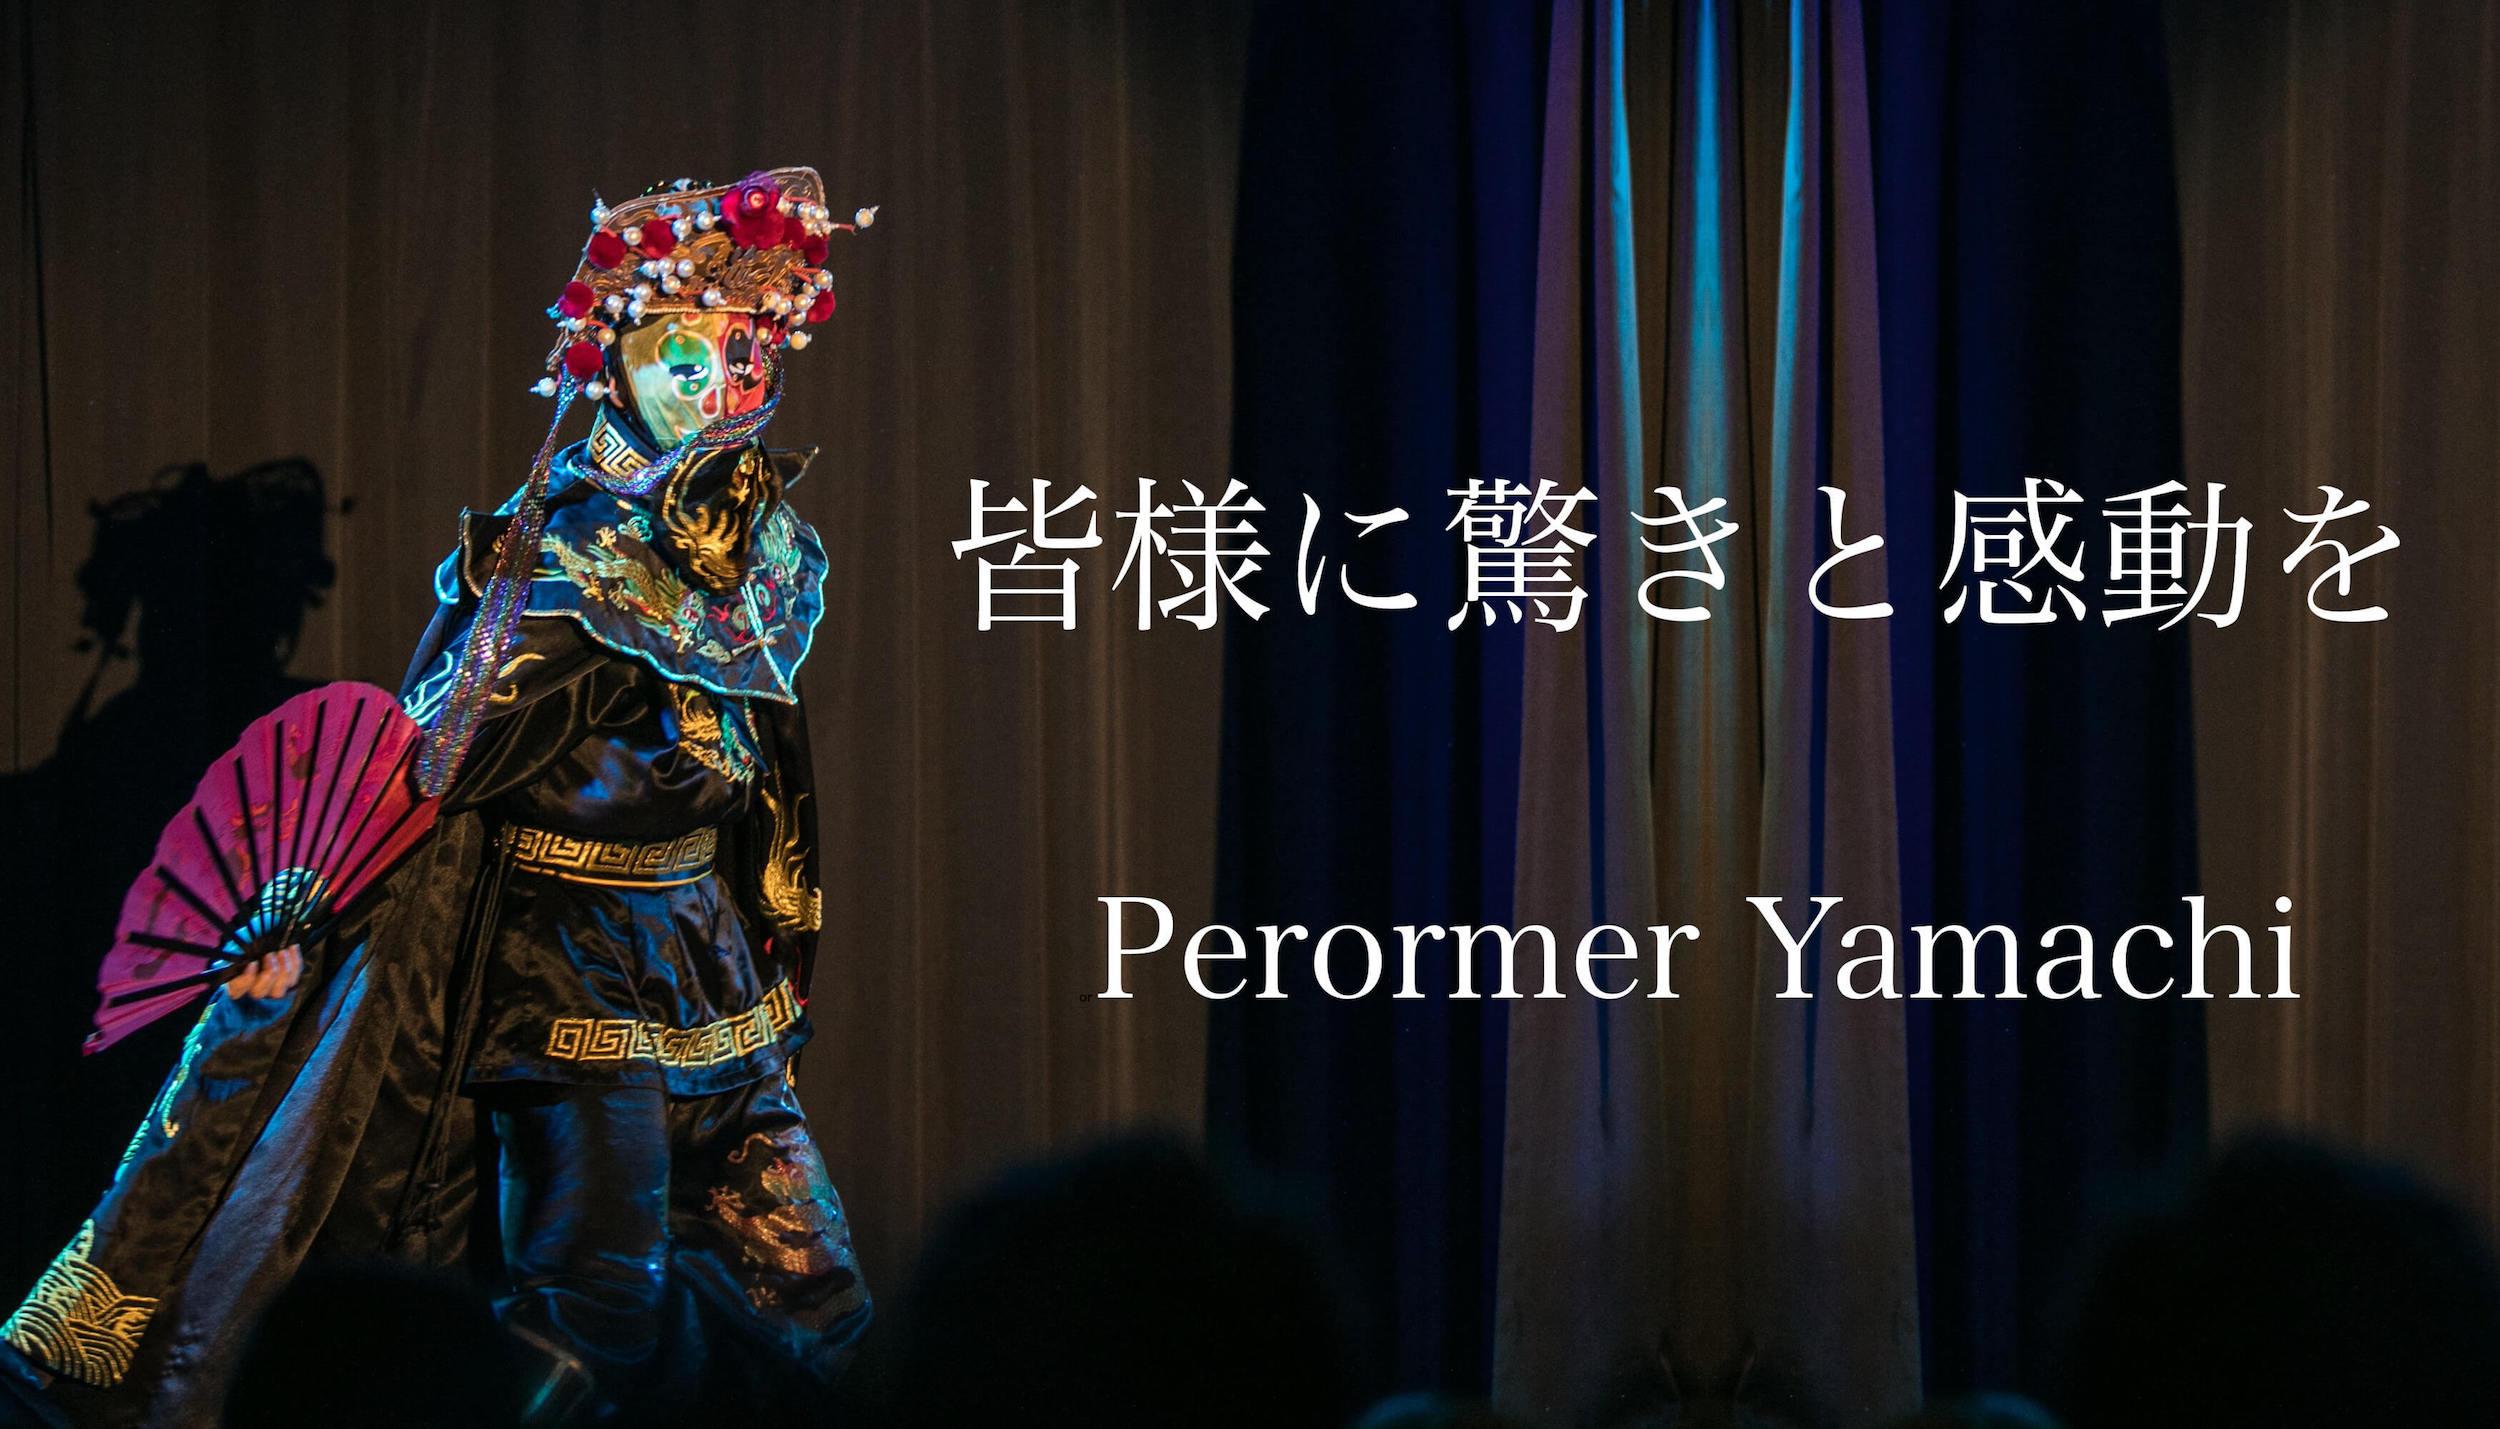 変面.中国第二級国家機密.中国.お面.マジック.やまち.yamachi